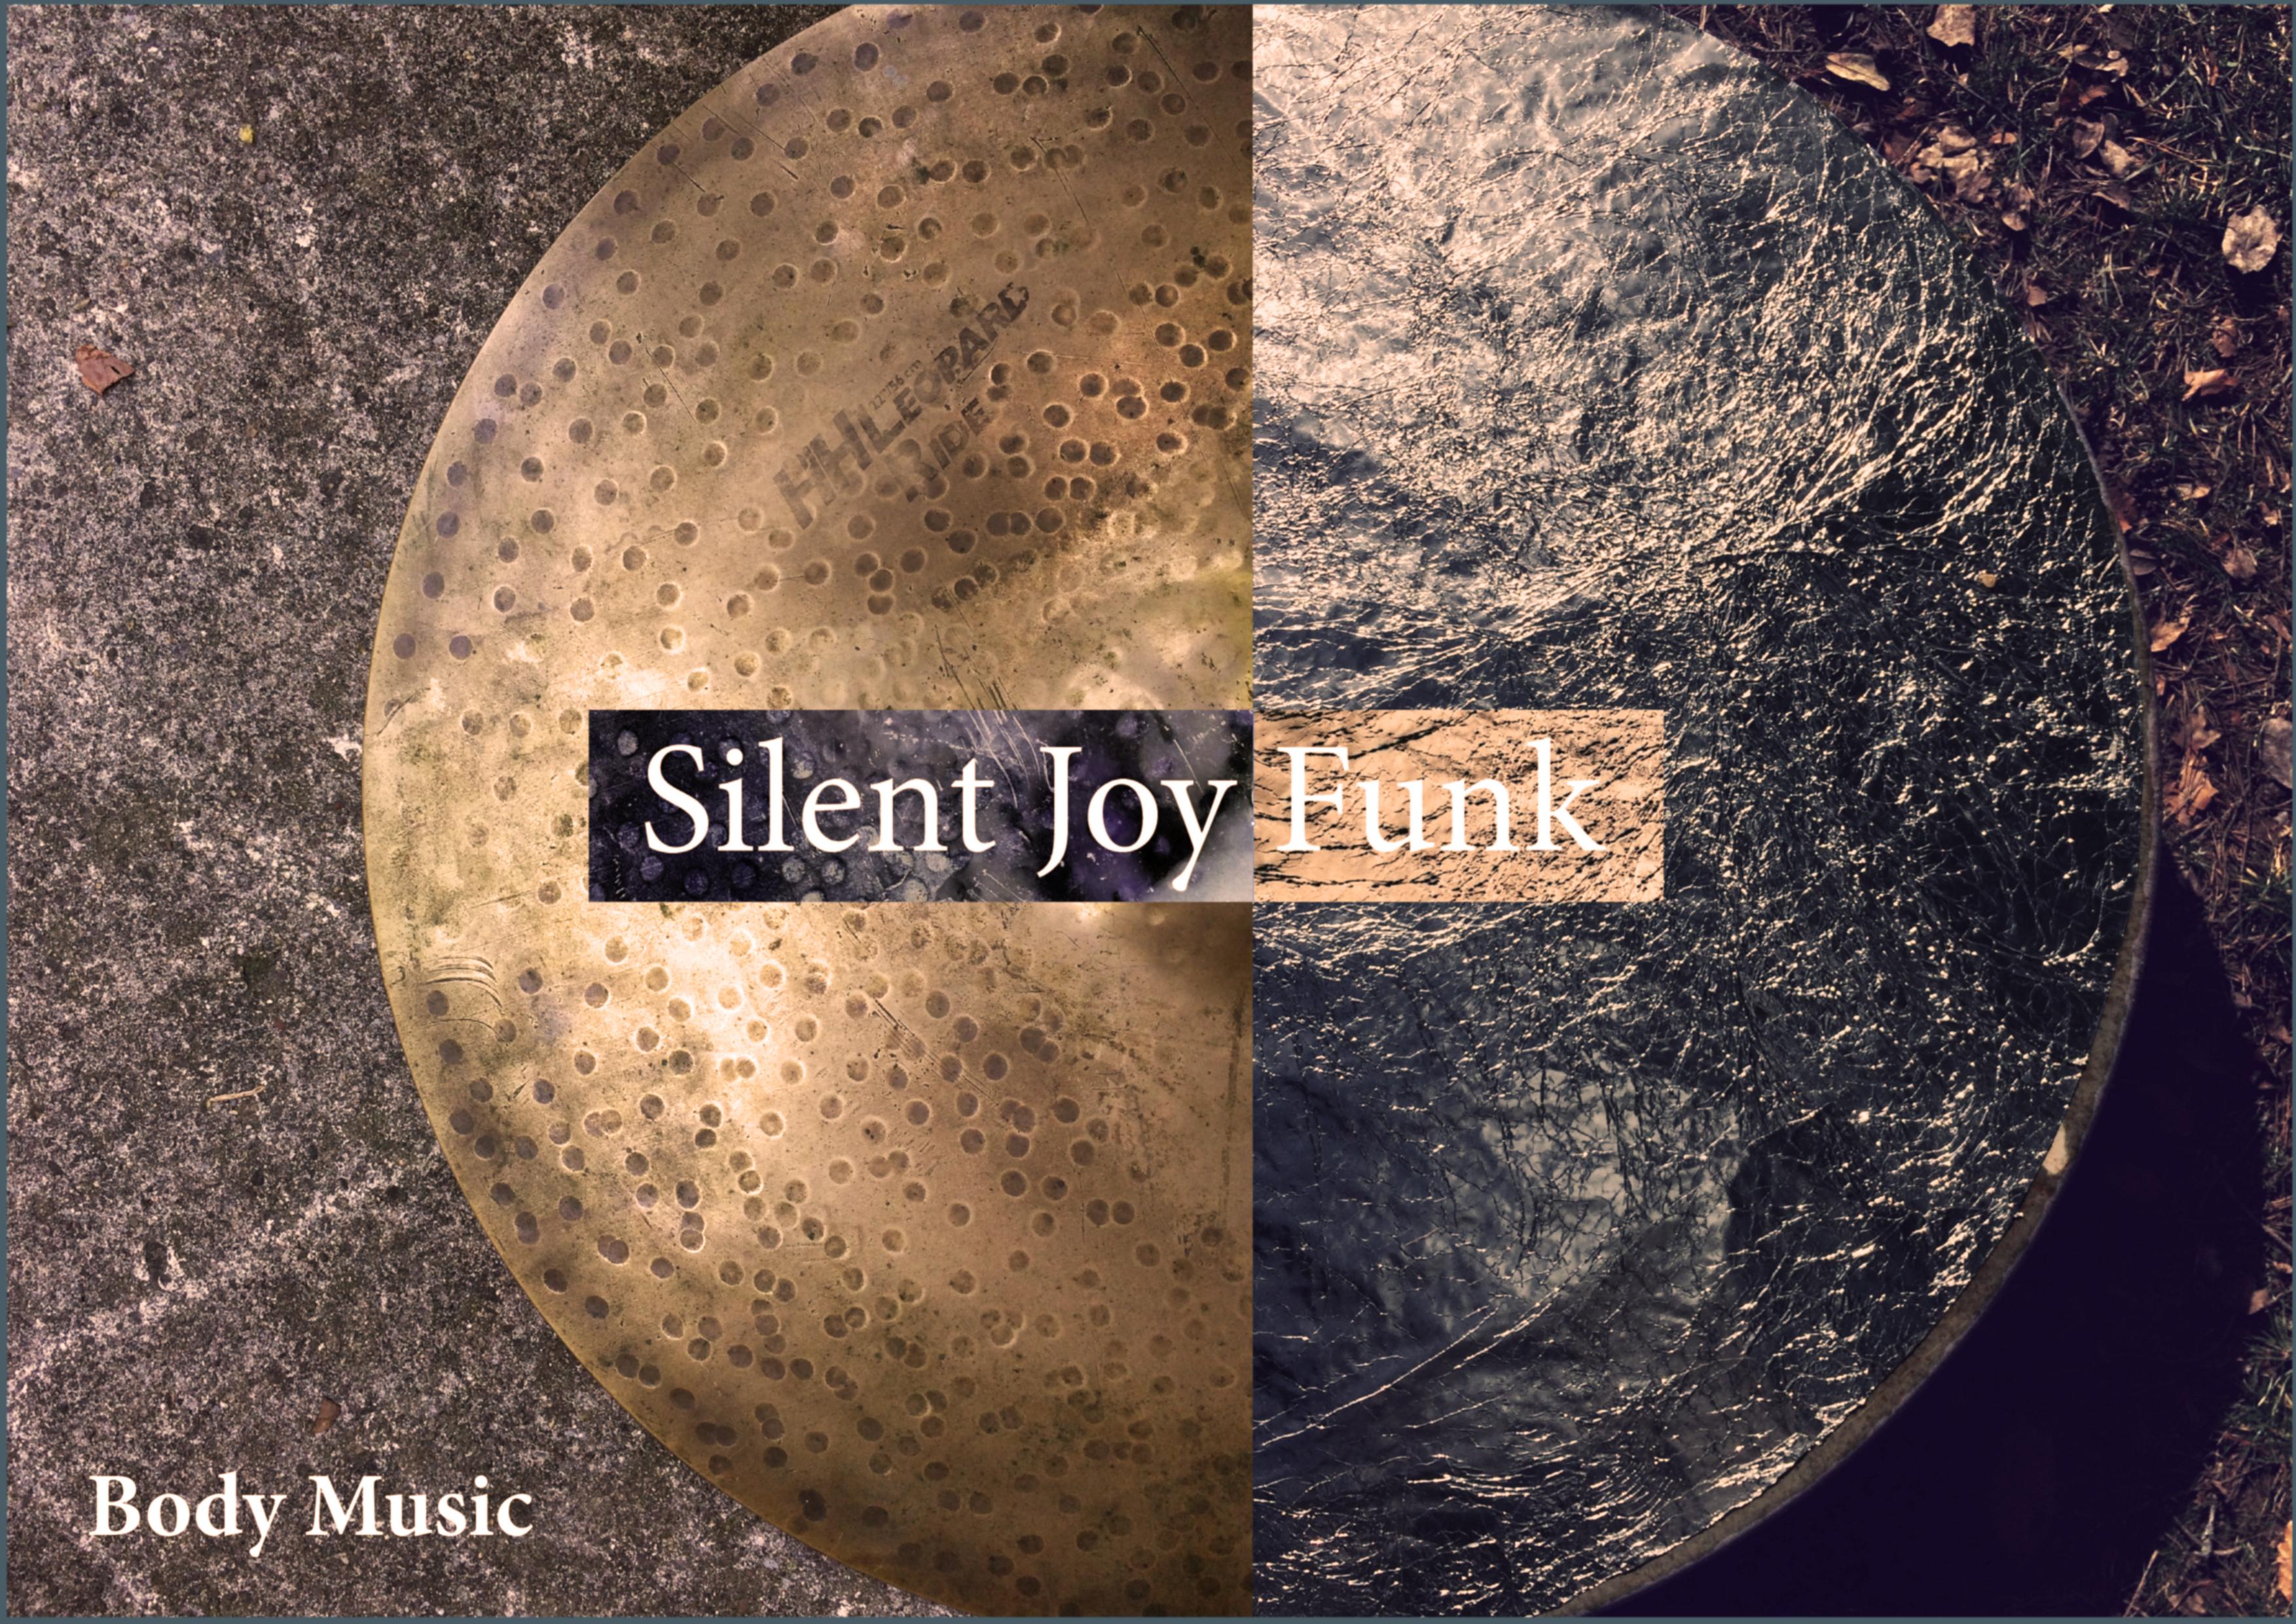 SilentJoyFunk